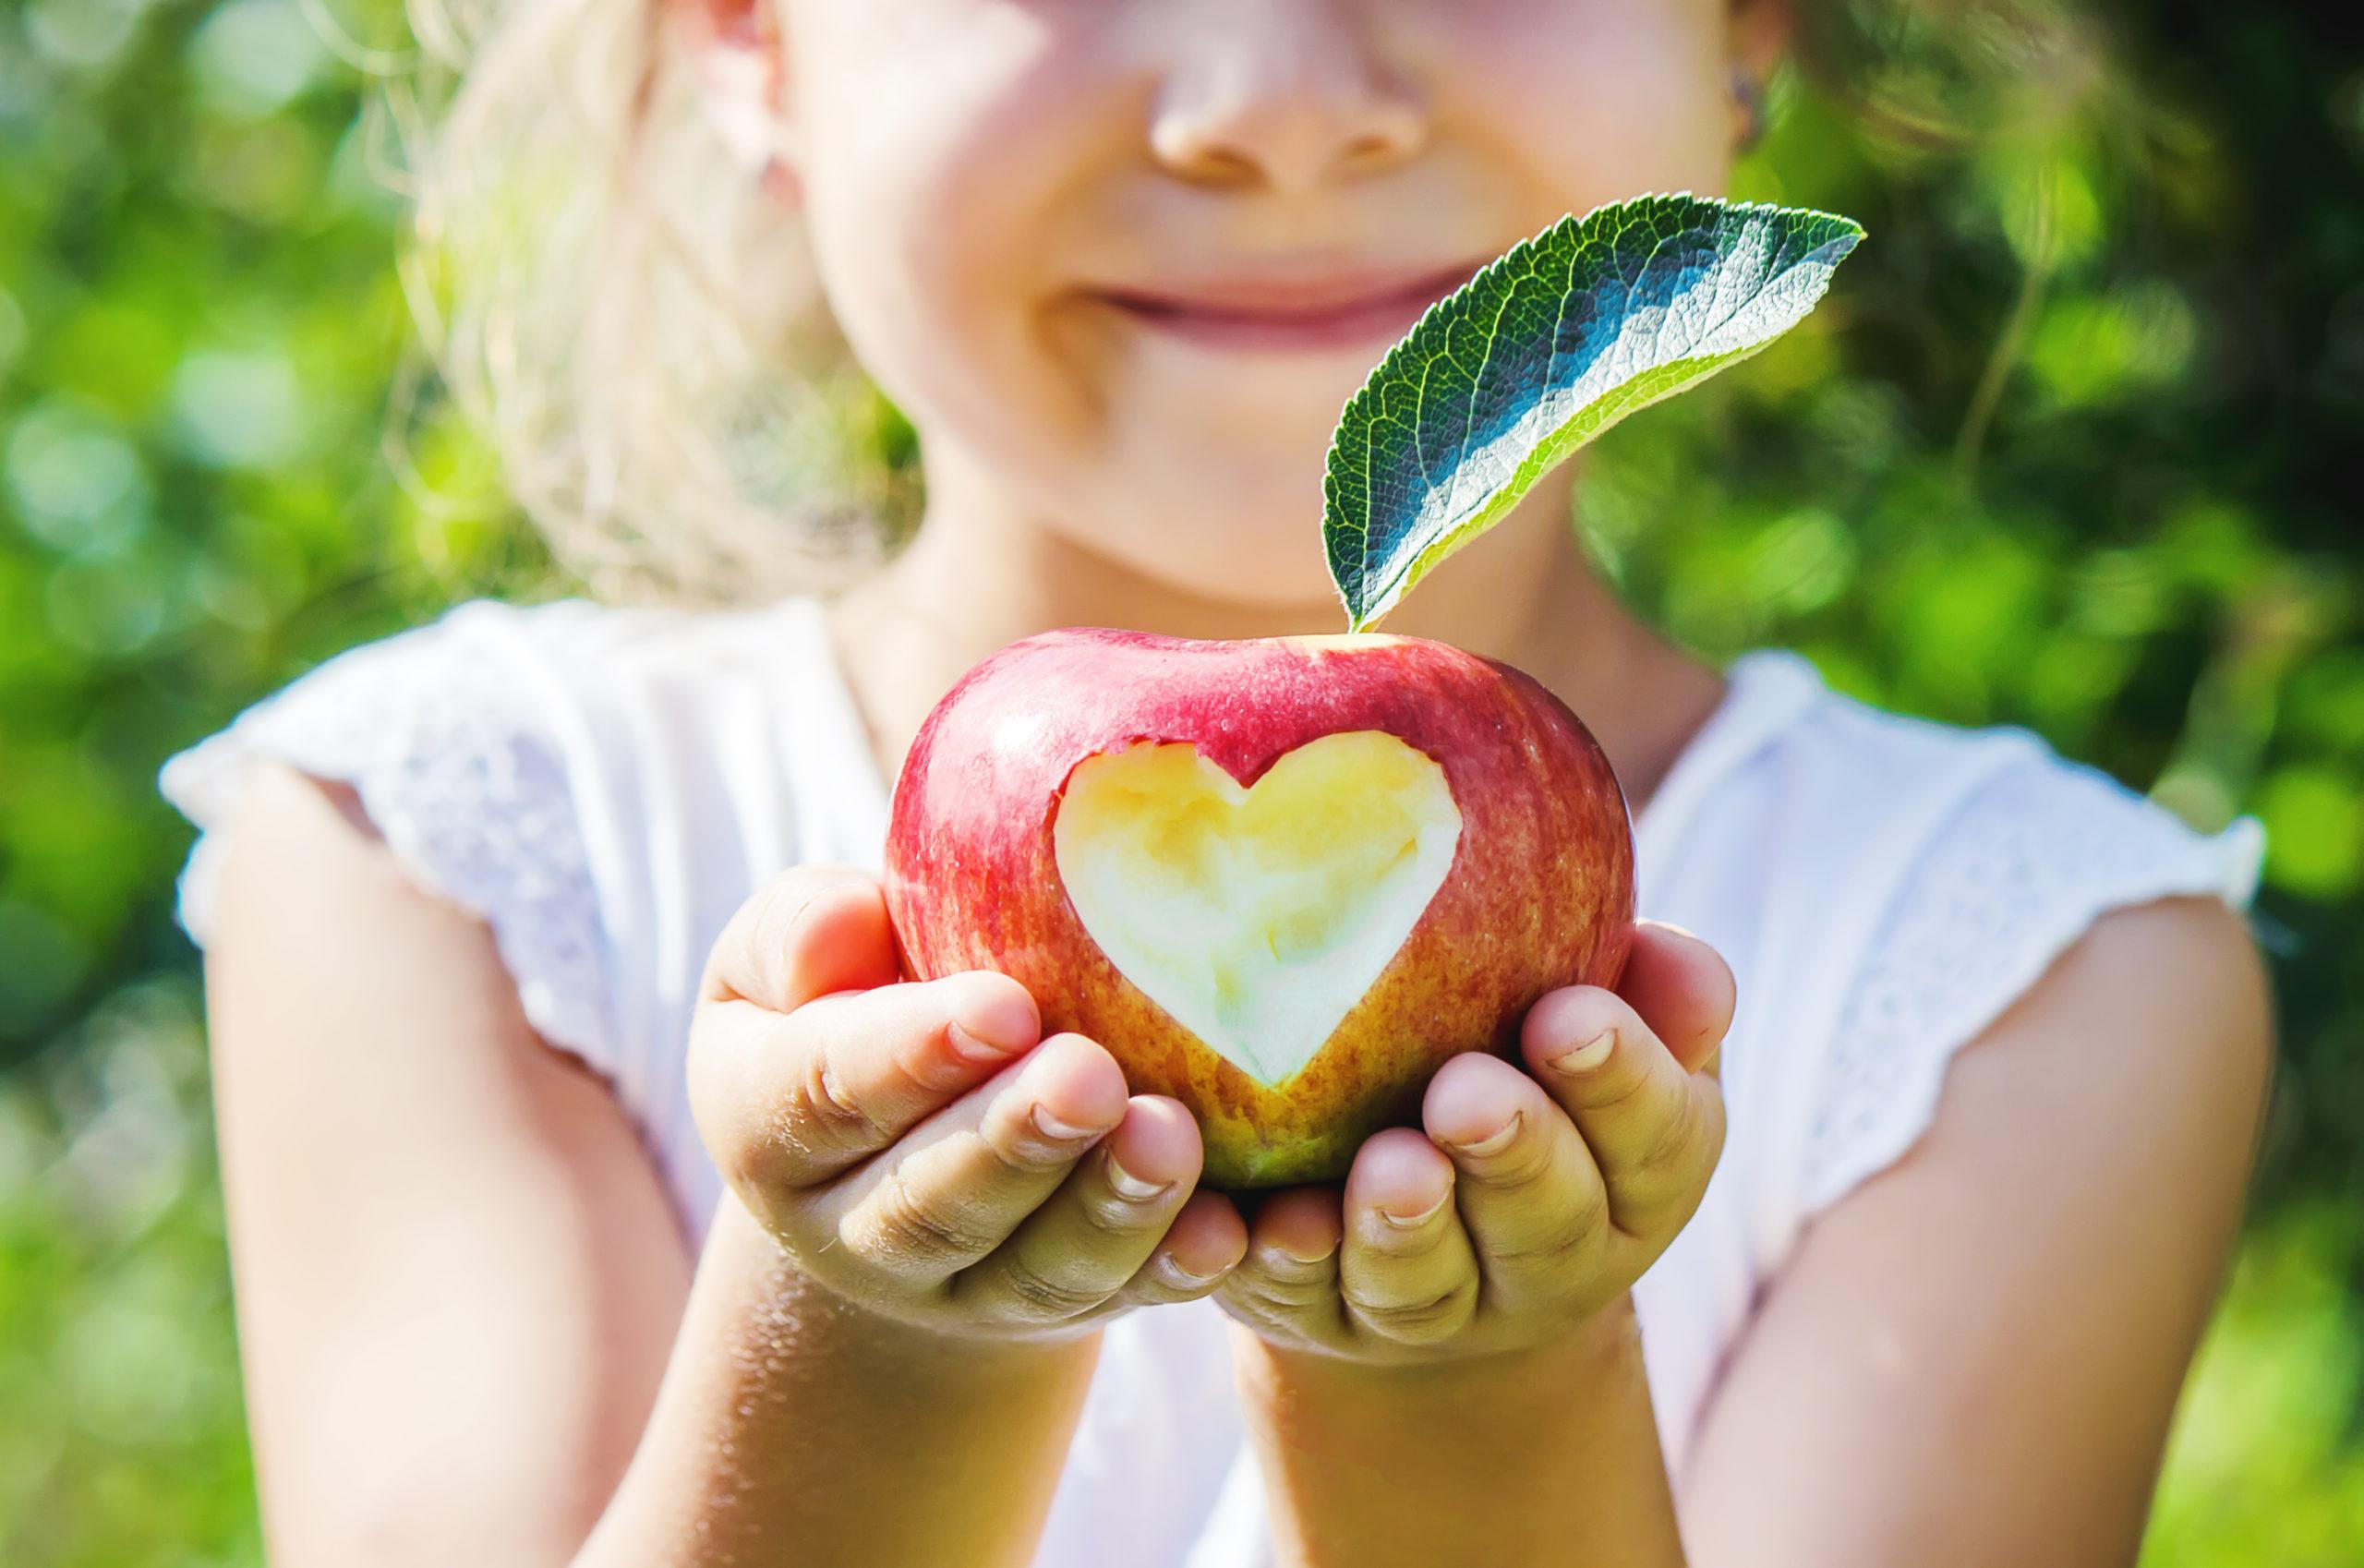 Яблоки: польза и вред, фруктовая диета и советы диетологов